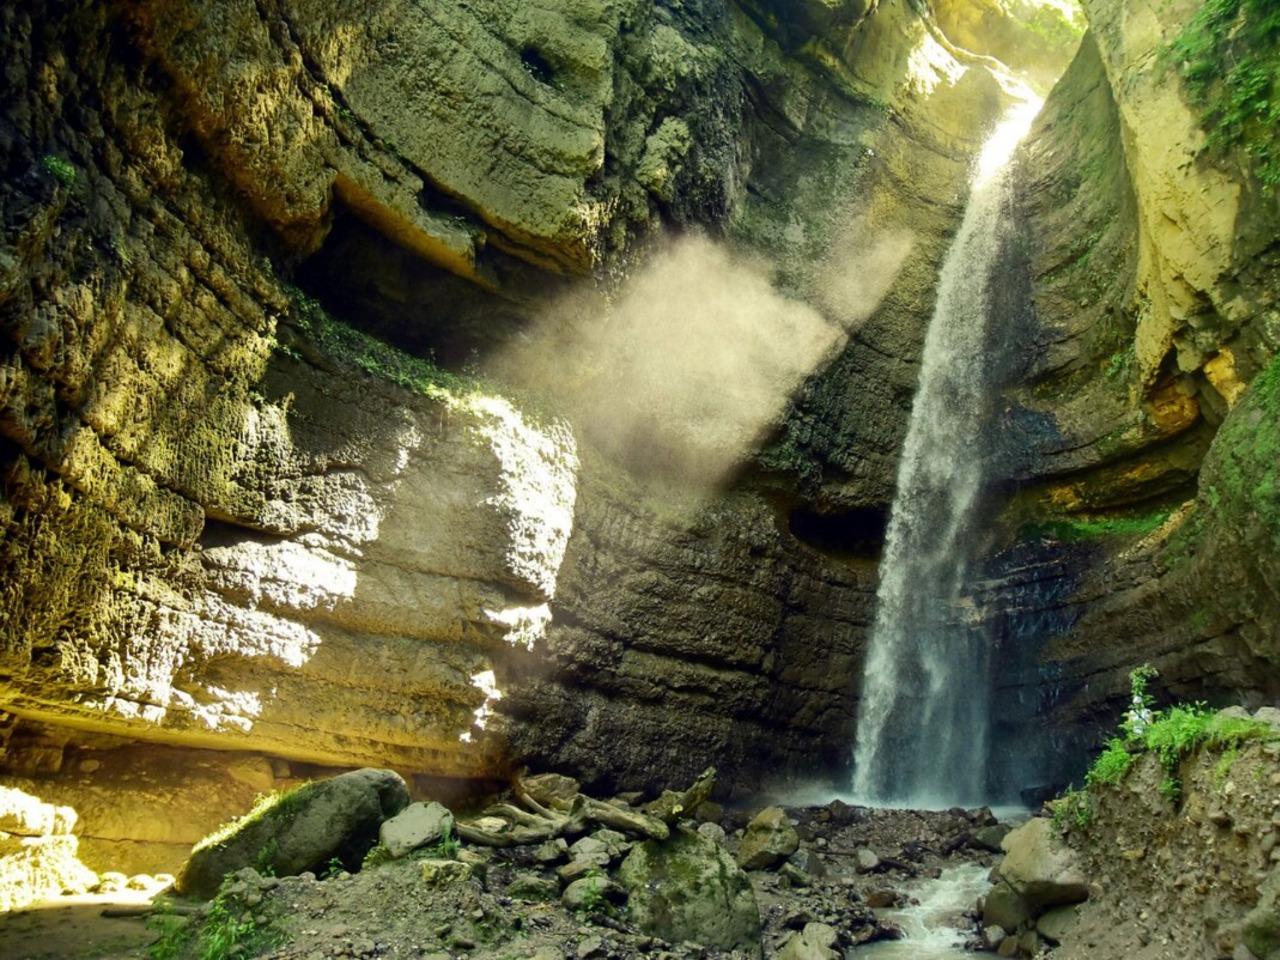 Чегемские водопады в Кабардино-Балкарии - групповая экскурсия в Кисловодске от опытного гида